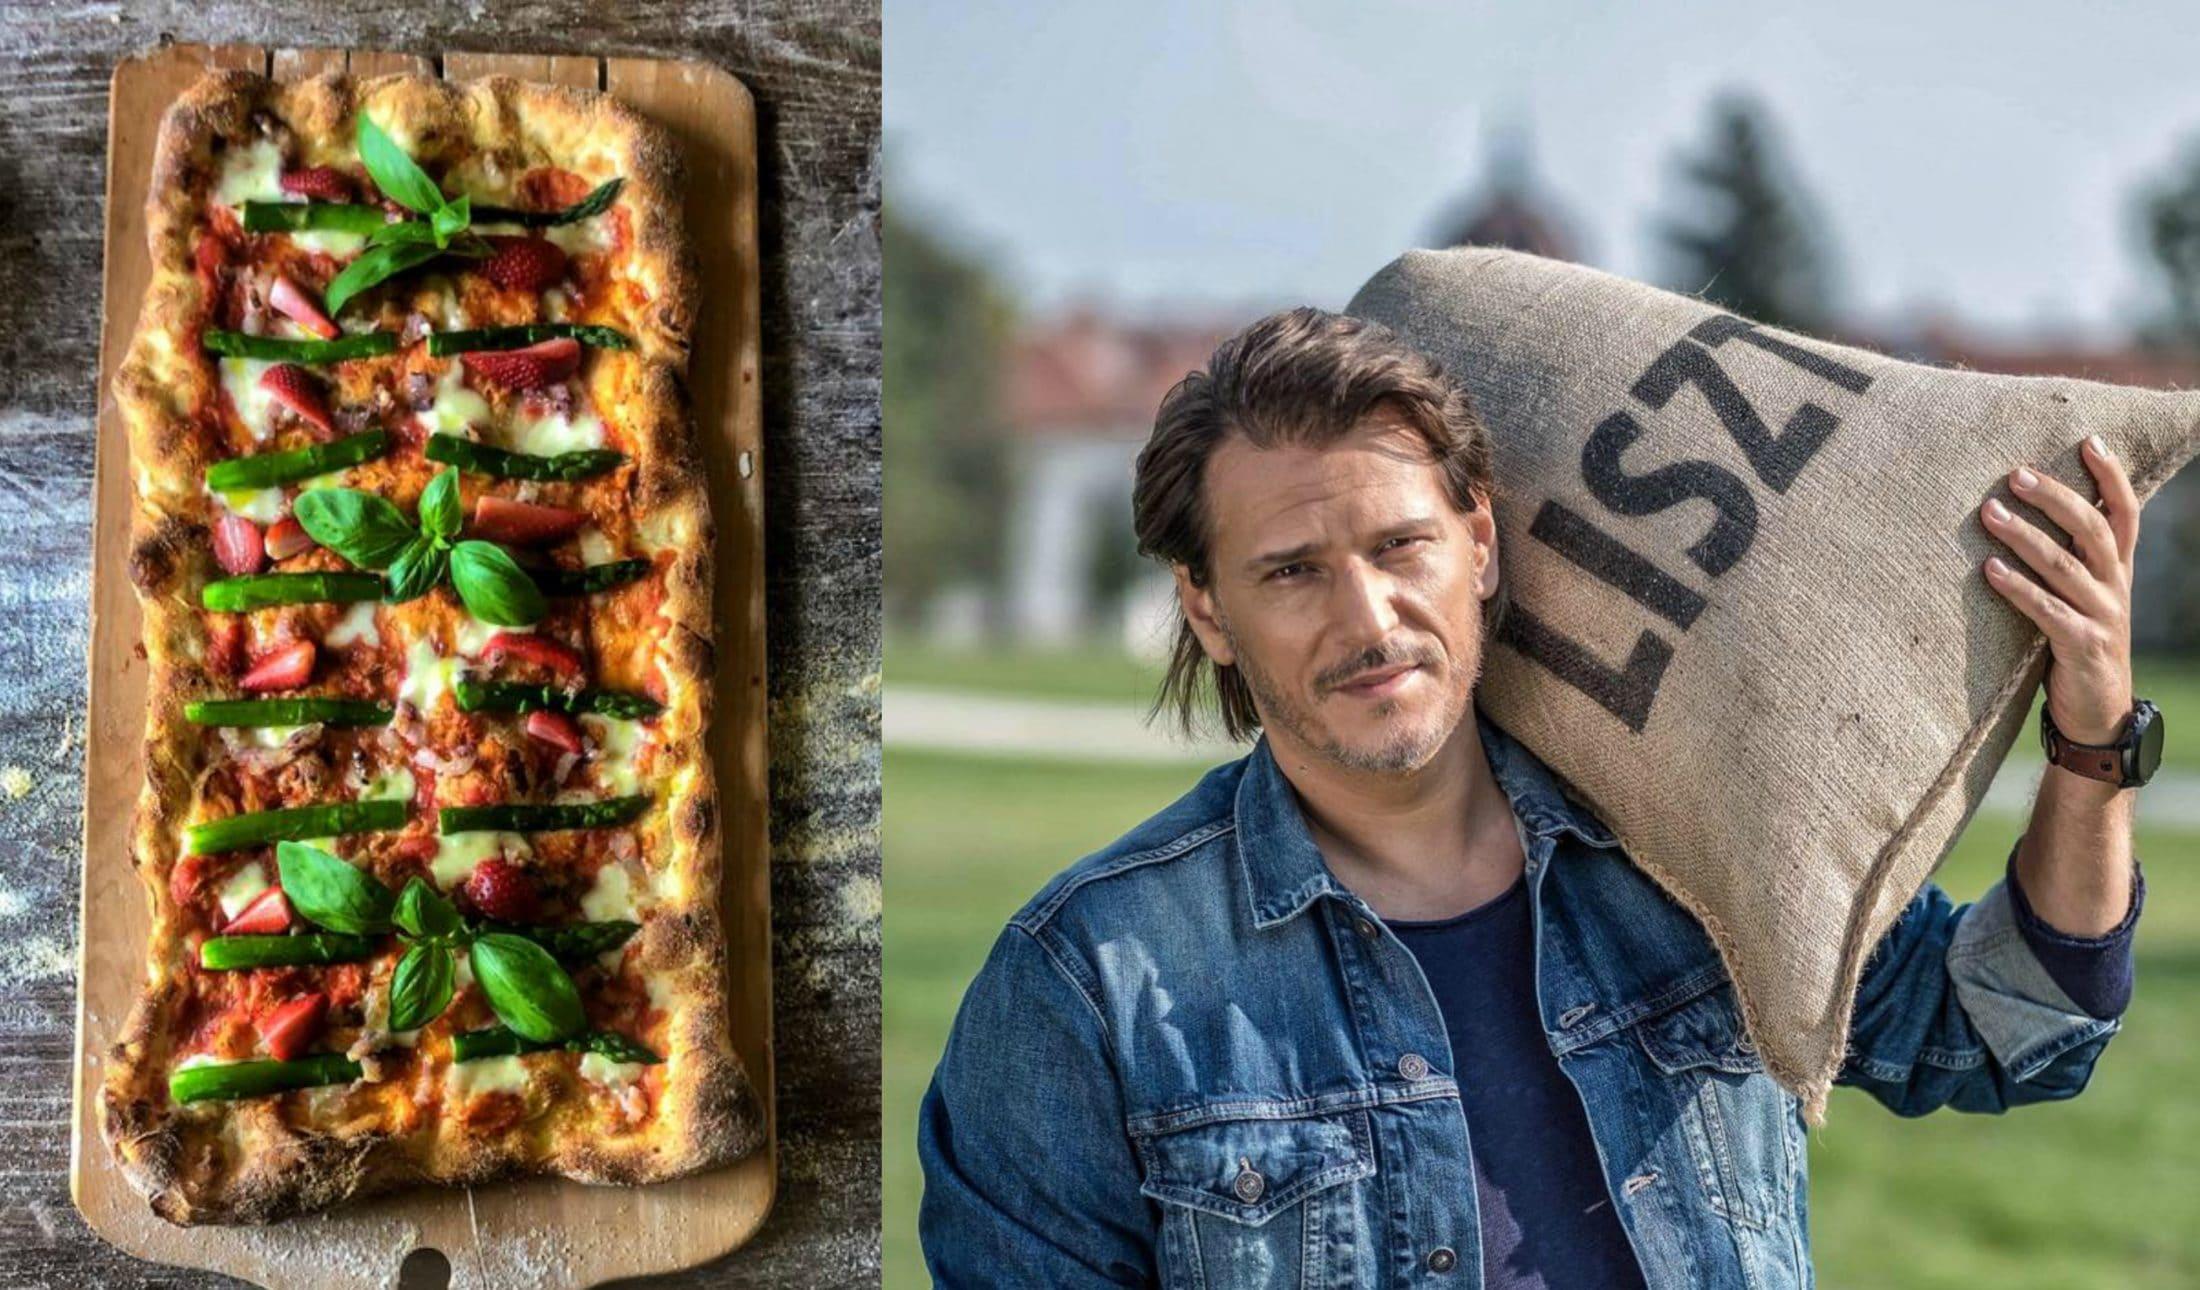 Szabadfi Szabi tanácsai otthoni pizzasütéshez: melegszendvics-élmény helyett igazi pizza